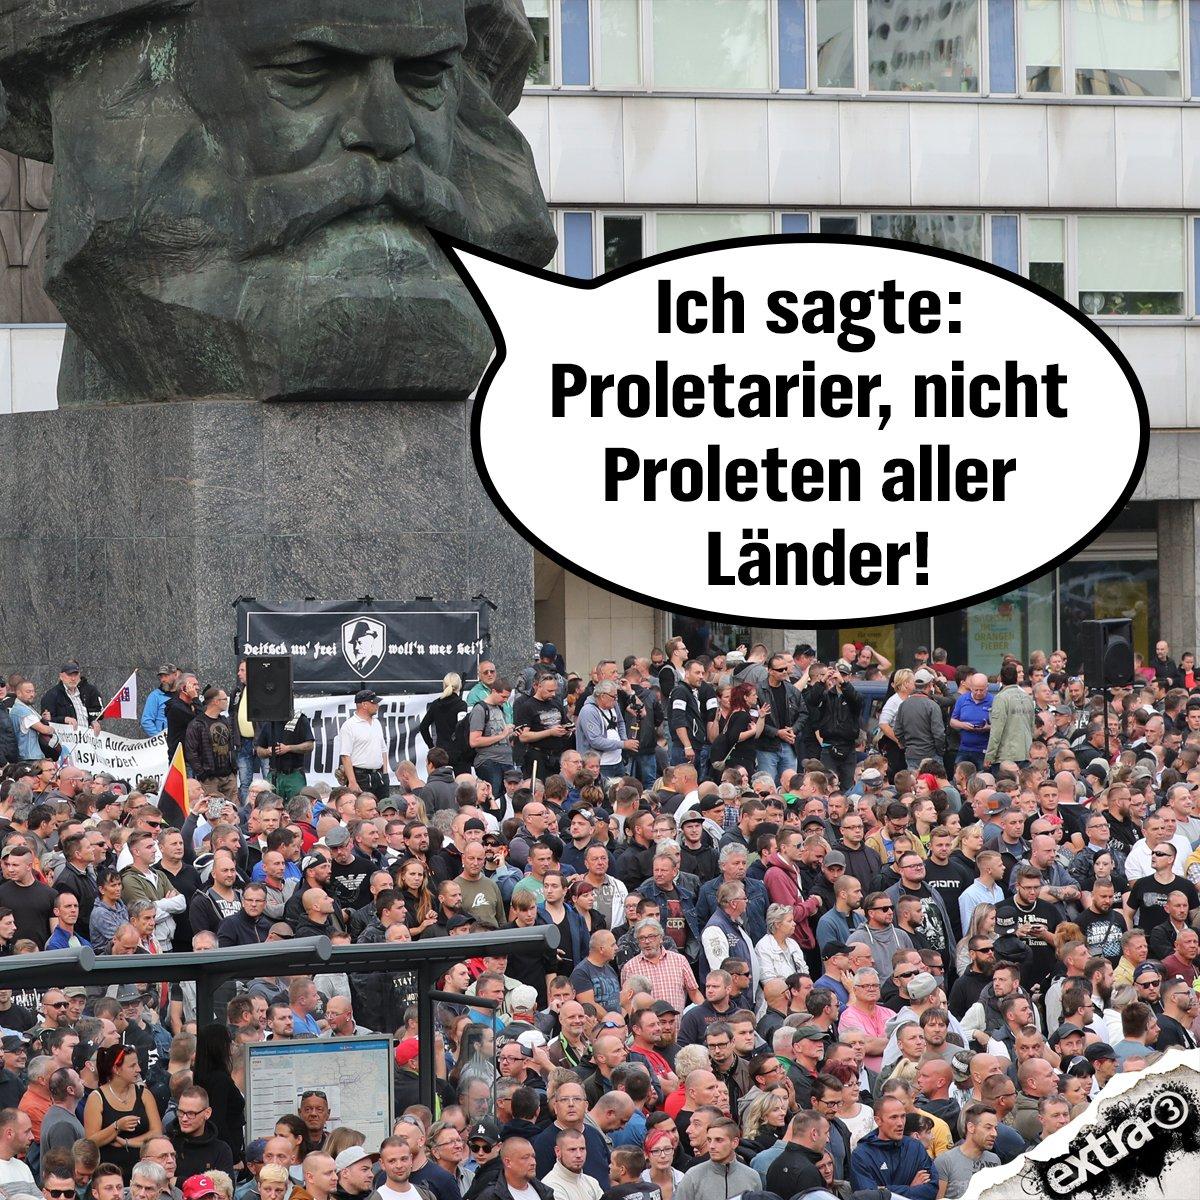 Marx missverstanden. #Chemnitz